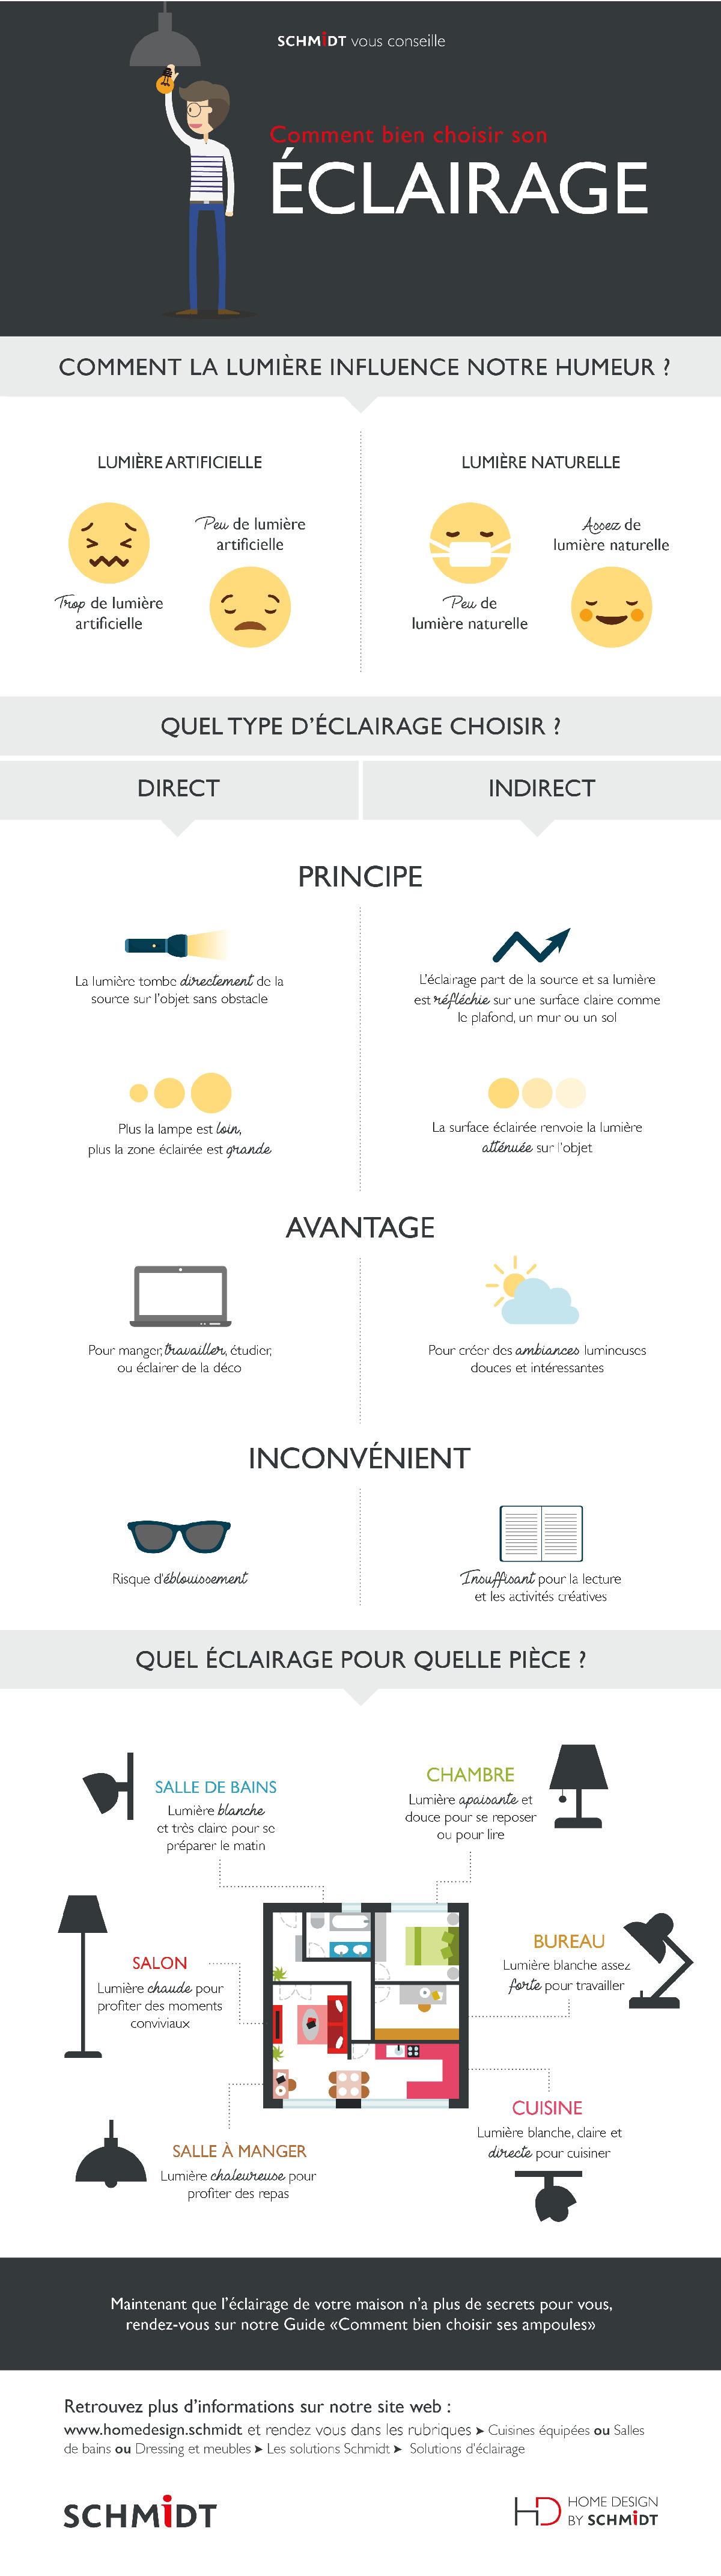 Infographie sur les critères pour choisir l'éclairage et l'influence de la lumière sur notre humeur.